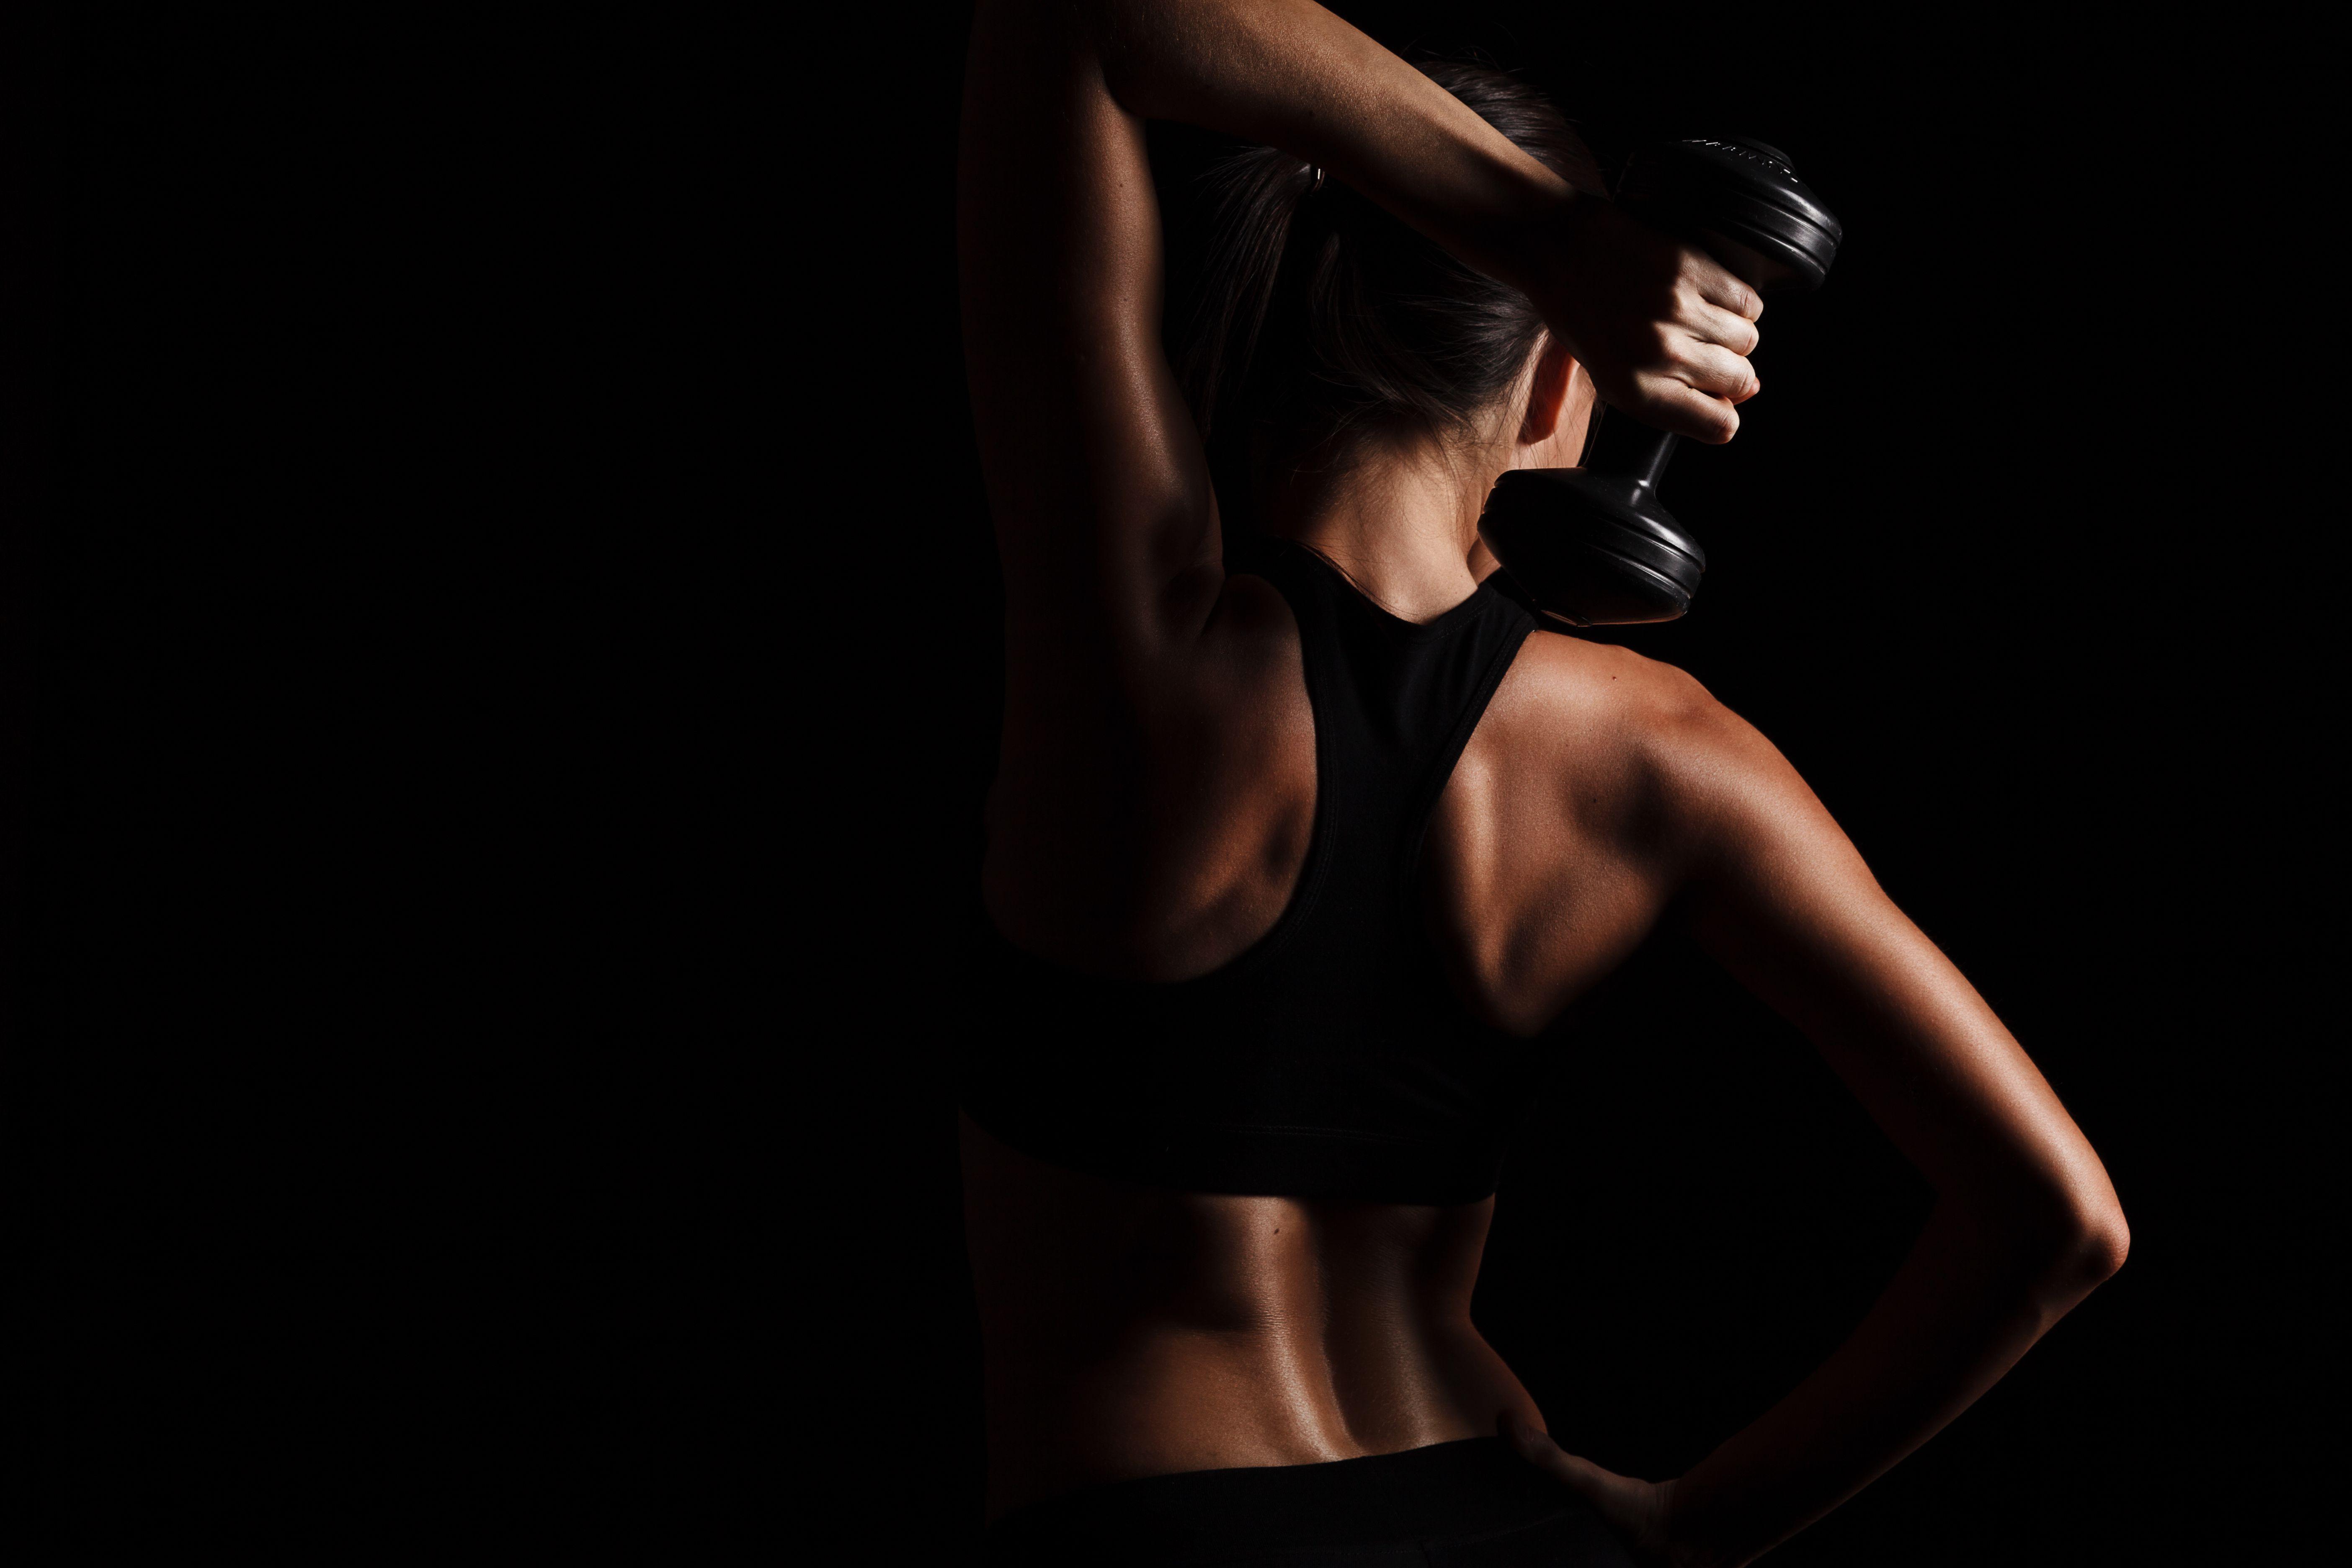 Vista rara del cuerpo femenino, ejercicio con mancuernas